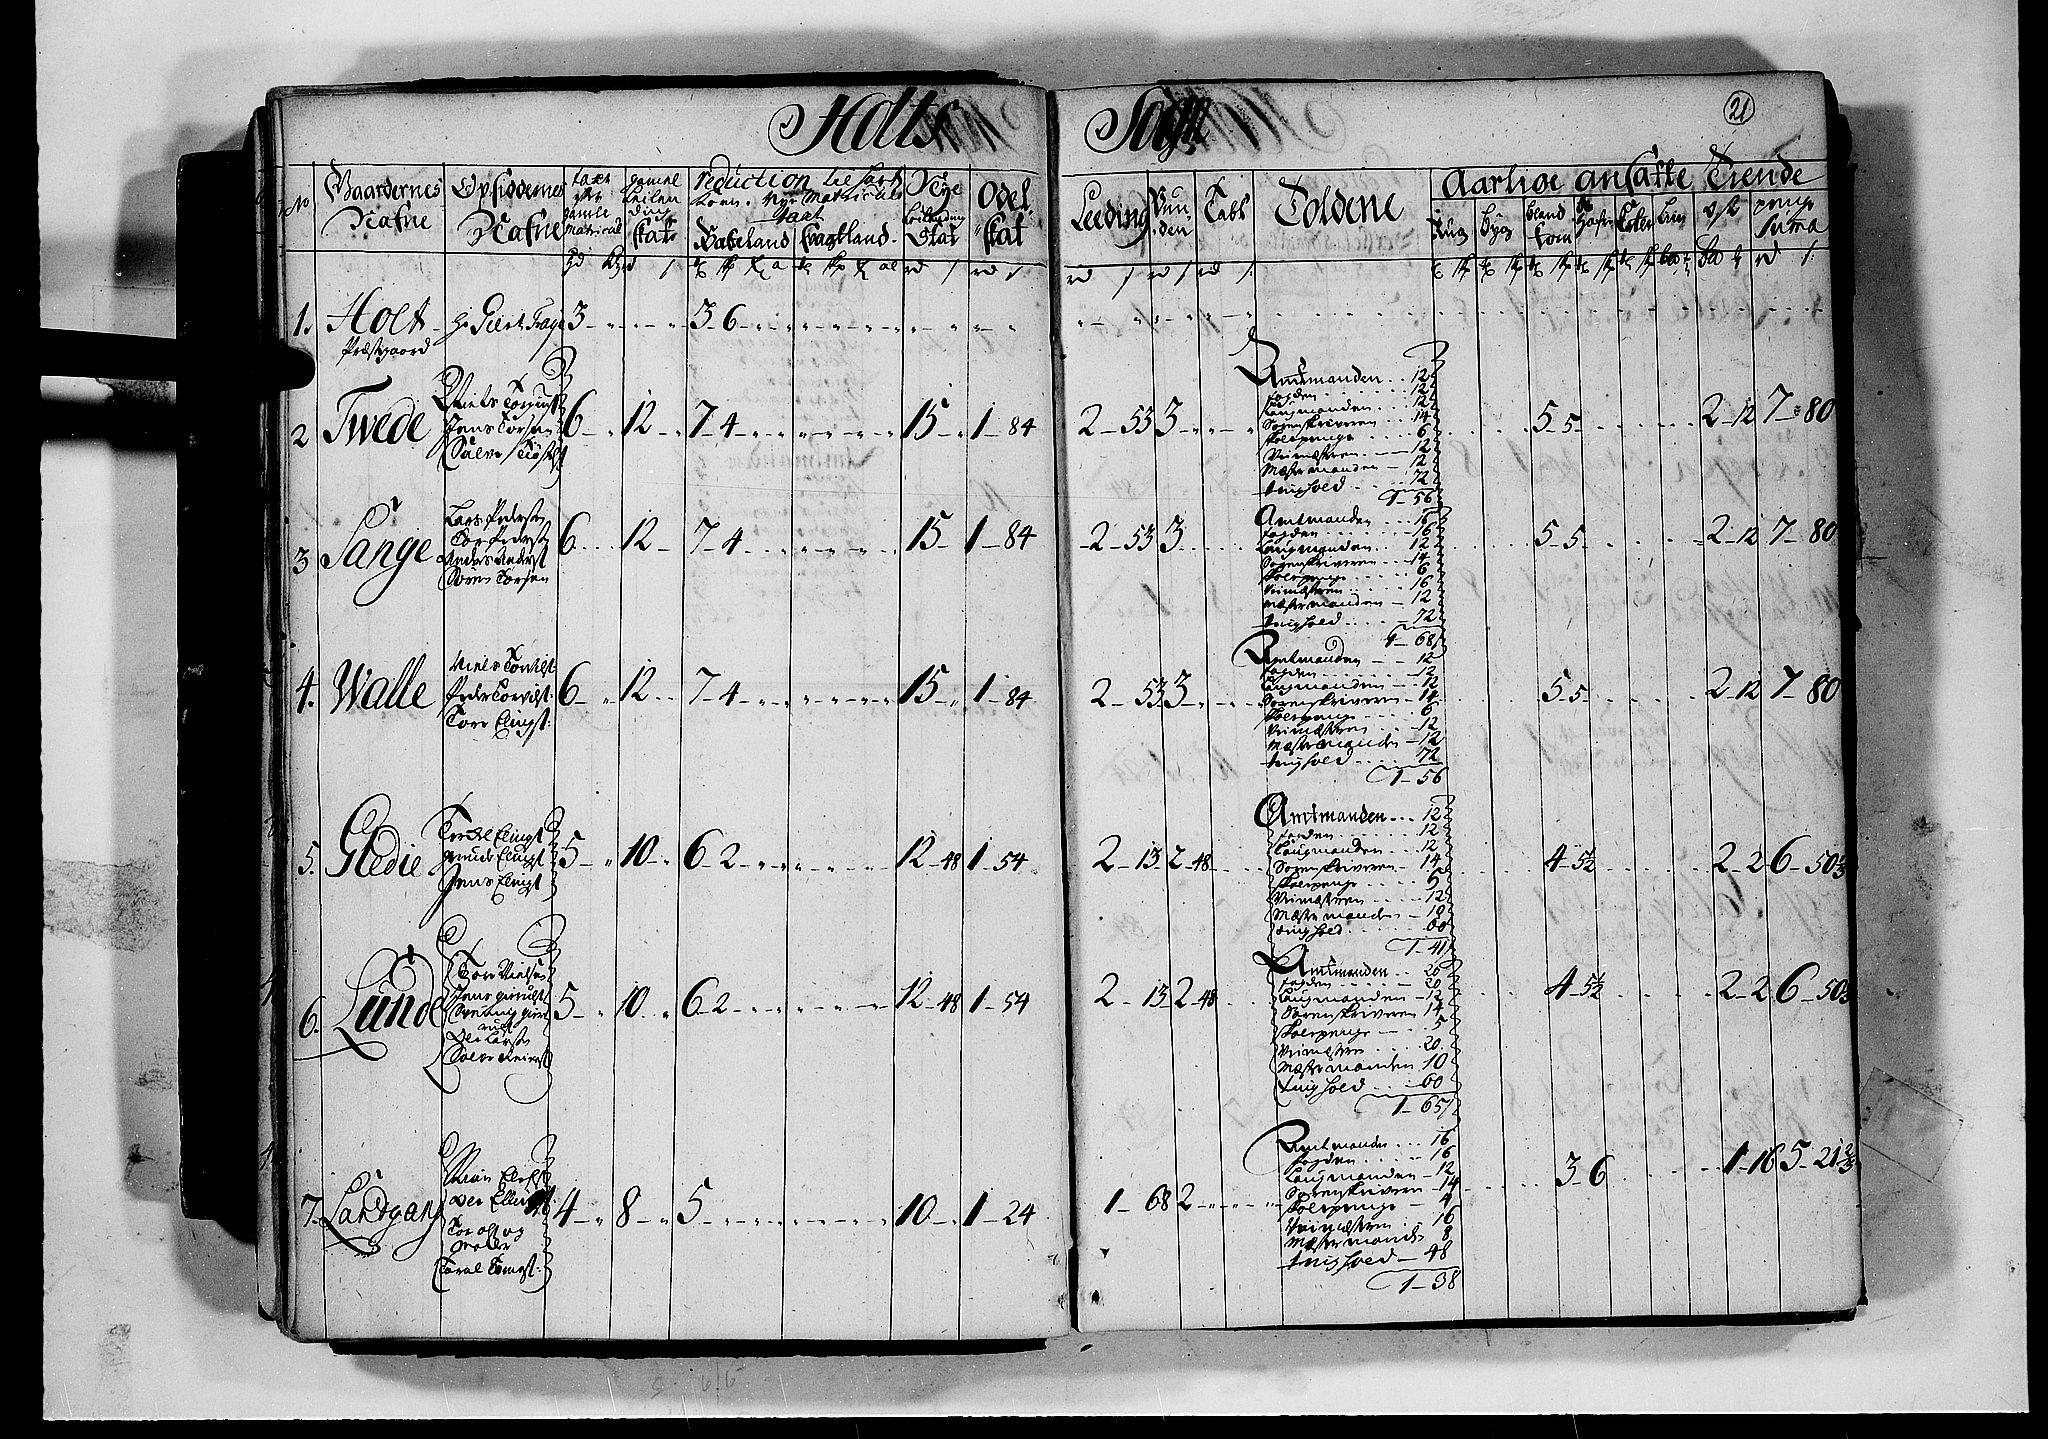 RA, Rentekammeret inntil 1814, Realistisk ordnet avdeling, N/Nb/Nbf/L0124: Nedenes matrikkelprotokoll, 1723, s. 20b-21a